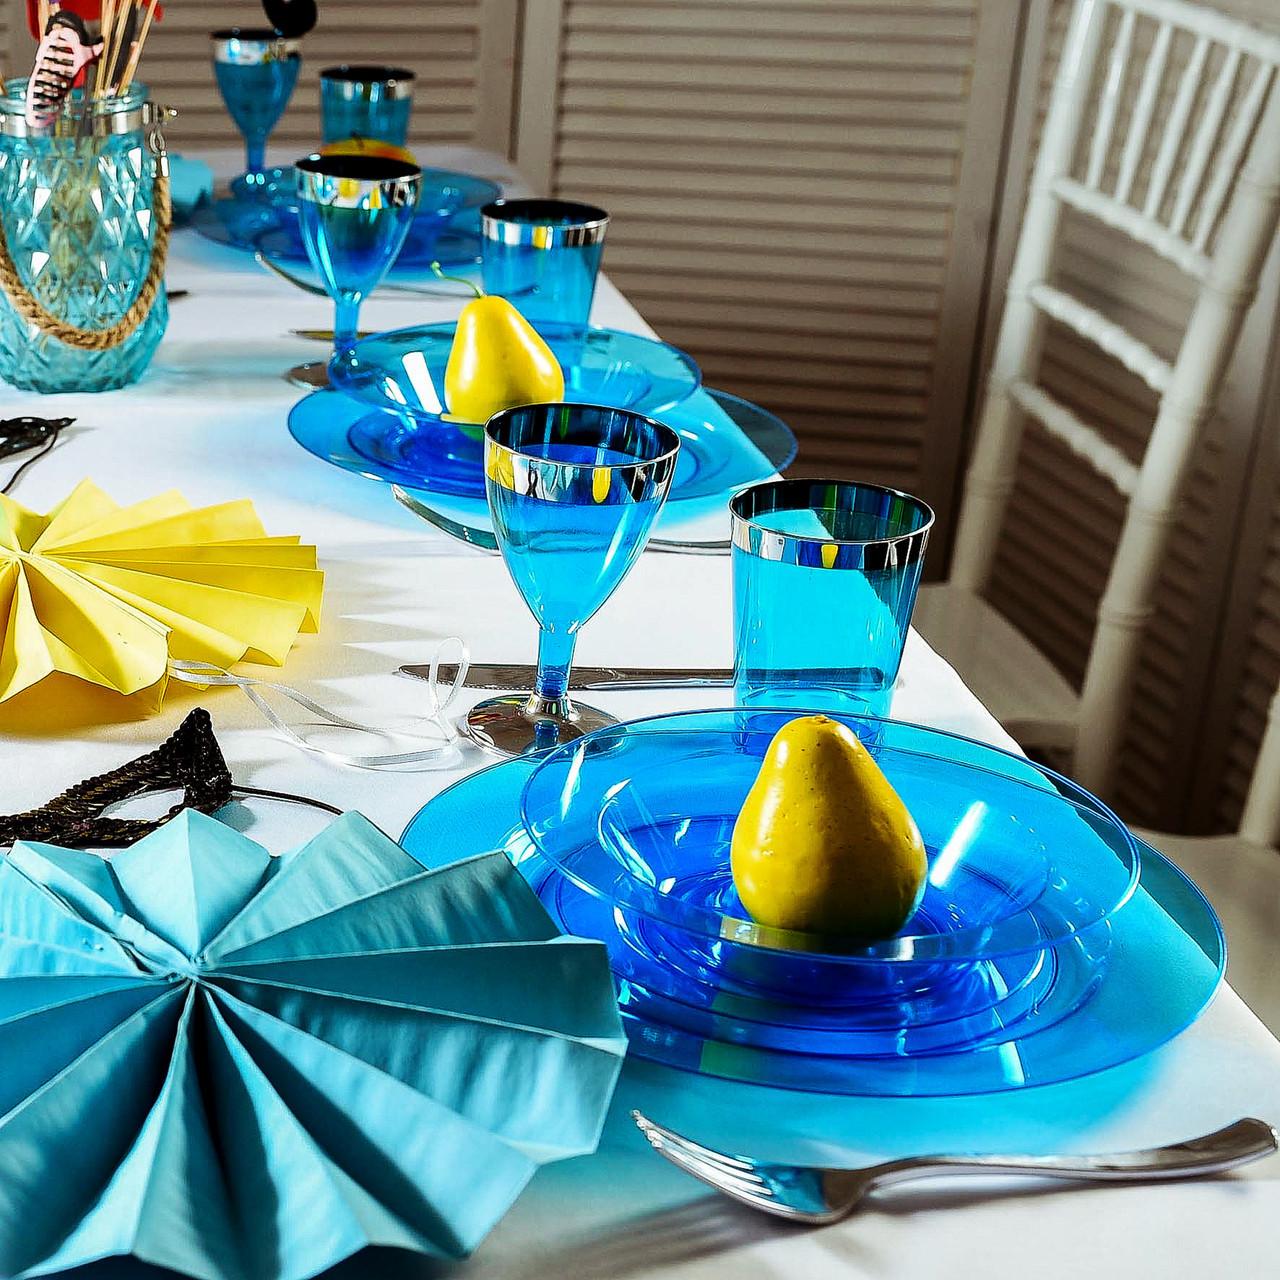 Тарелки пластиковые глубокие термостойкие твердые элитные для ресторанов,кафе,кейтеринга опт CFP 6 шт 300 мм